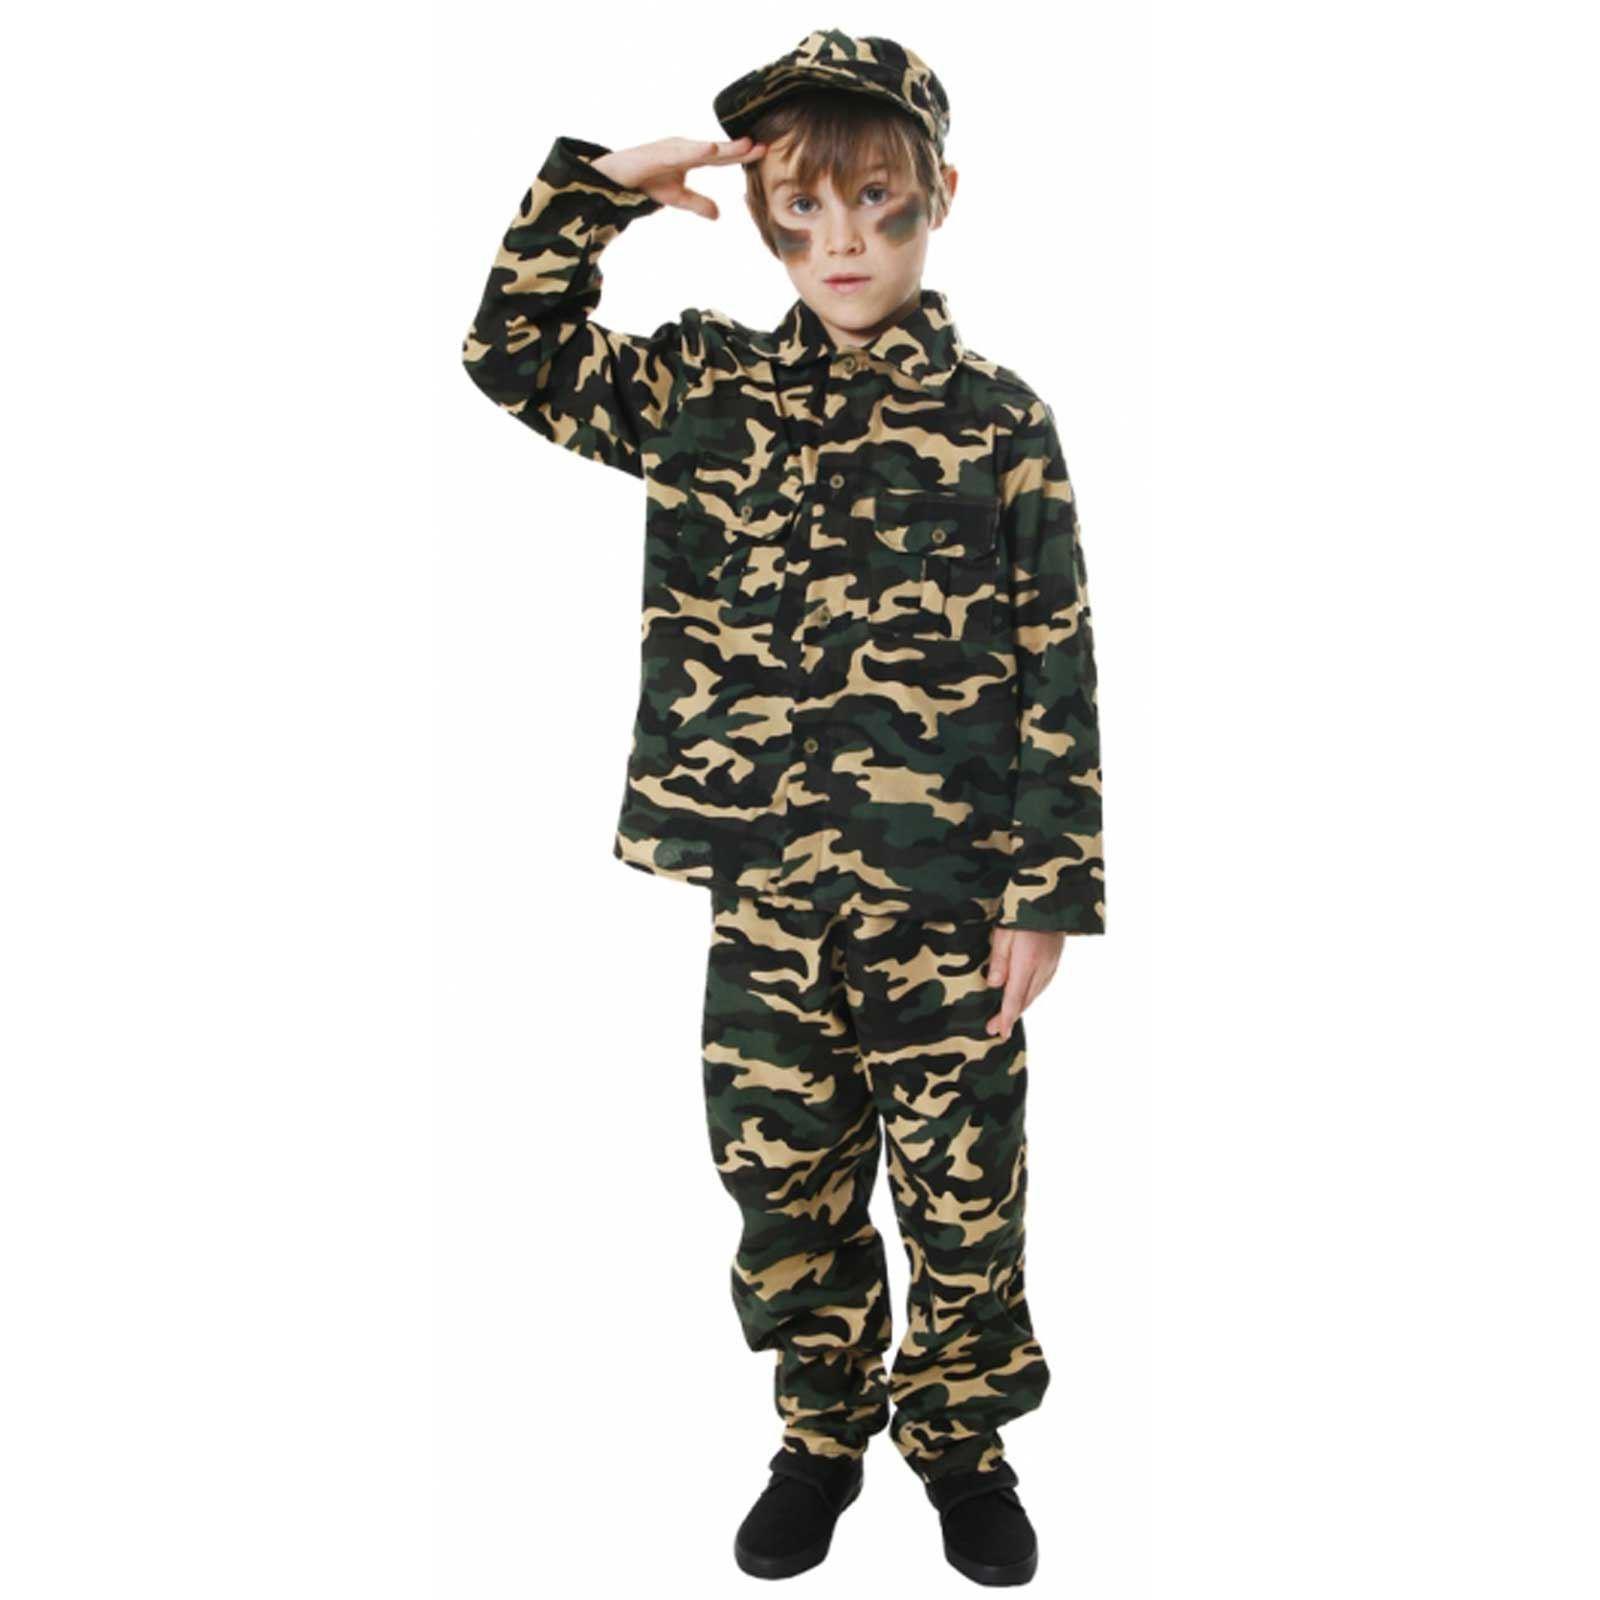 Army Commando Uniform Dress Costume for Kids